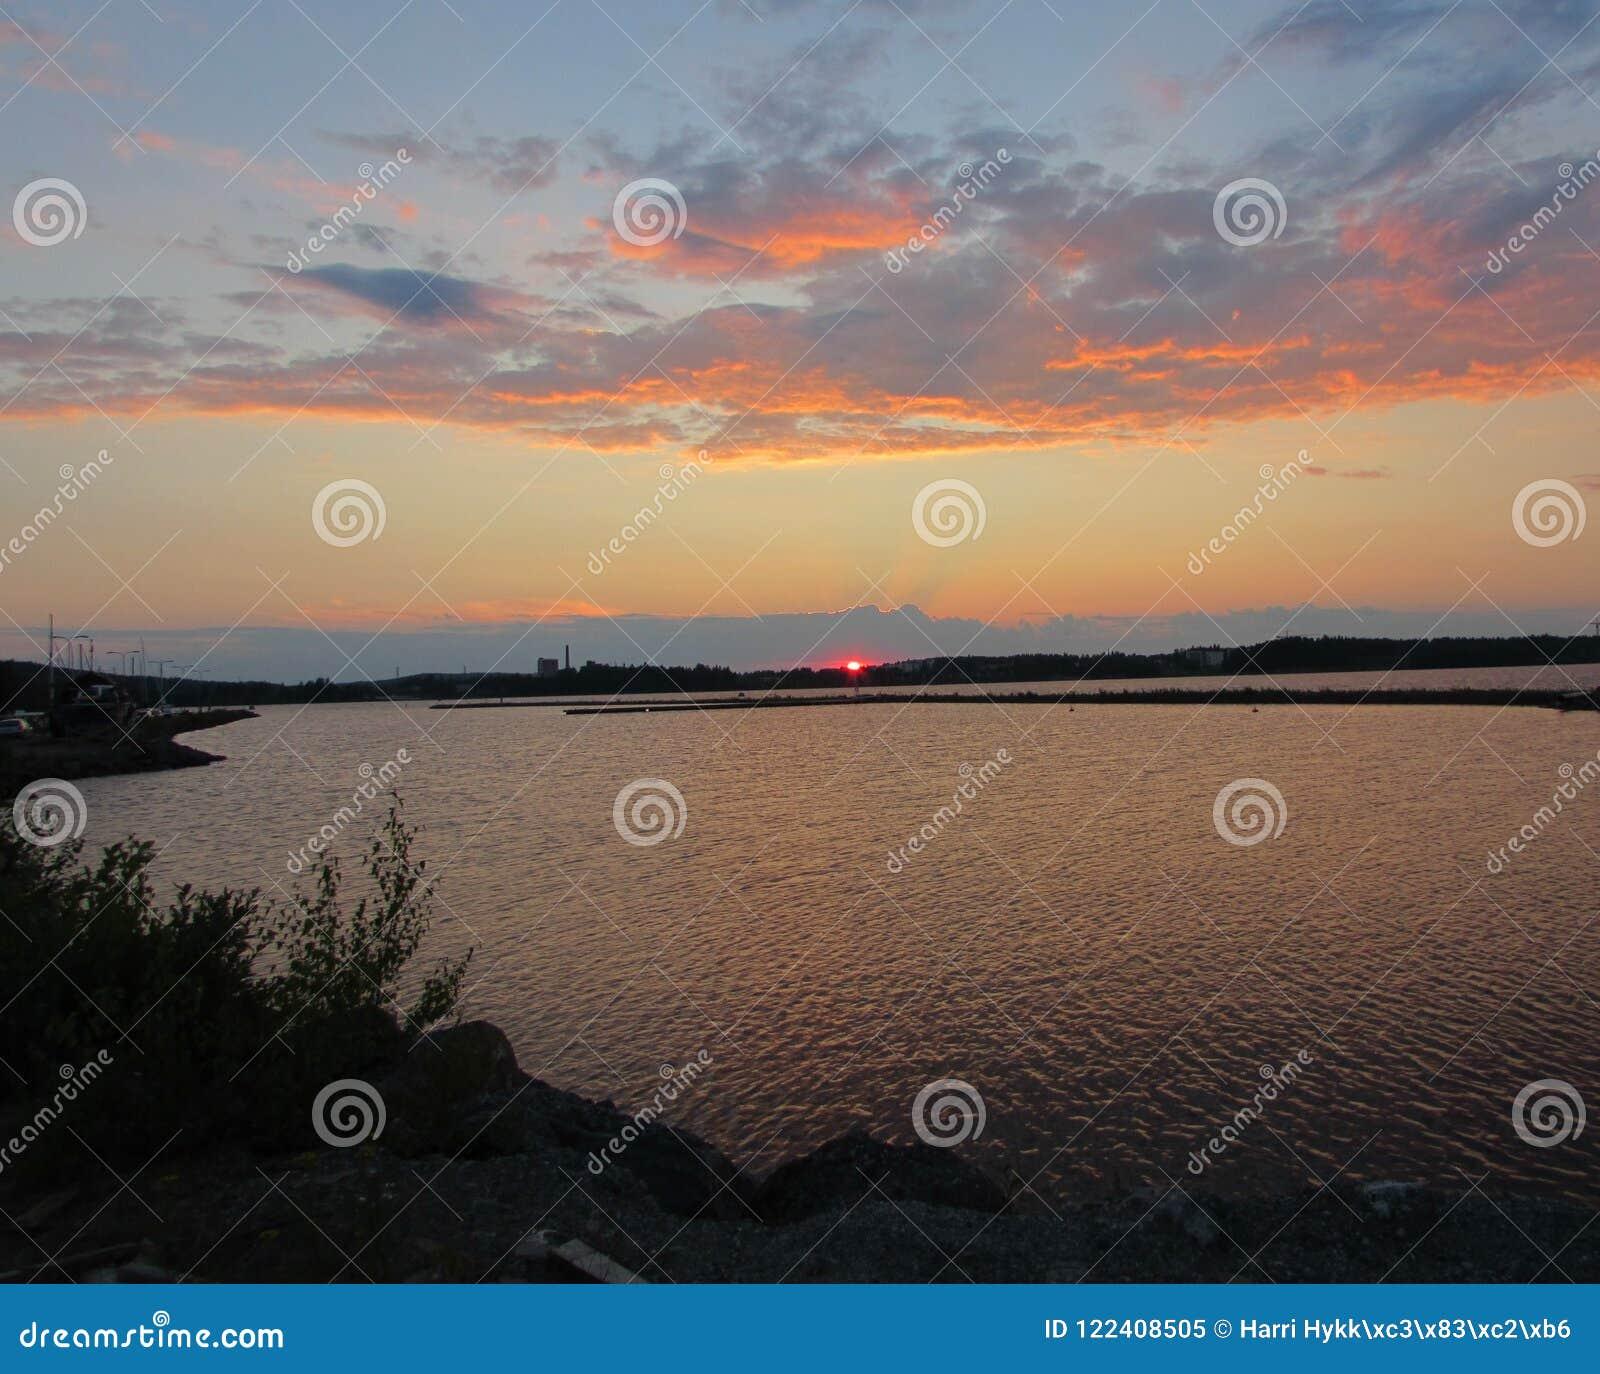 Ο ήλιος πέφτει πίσω από τη λίμνη